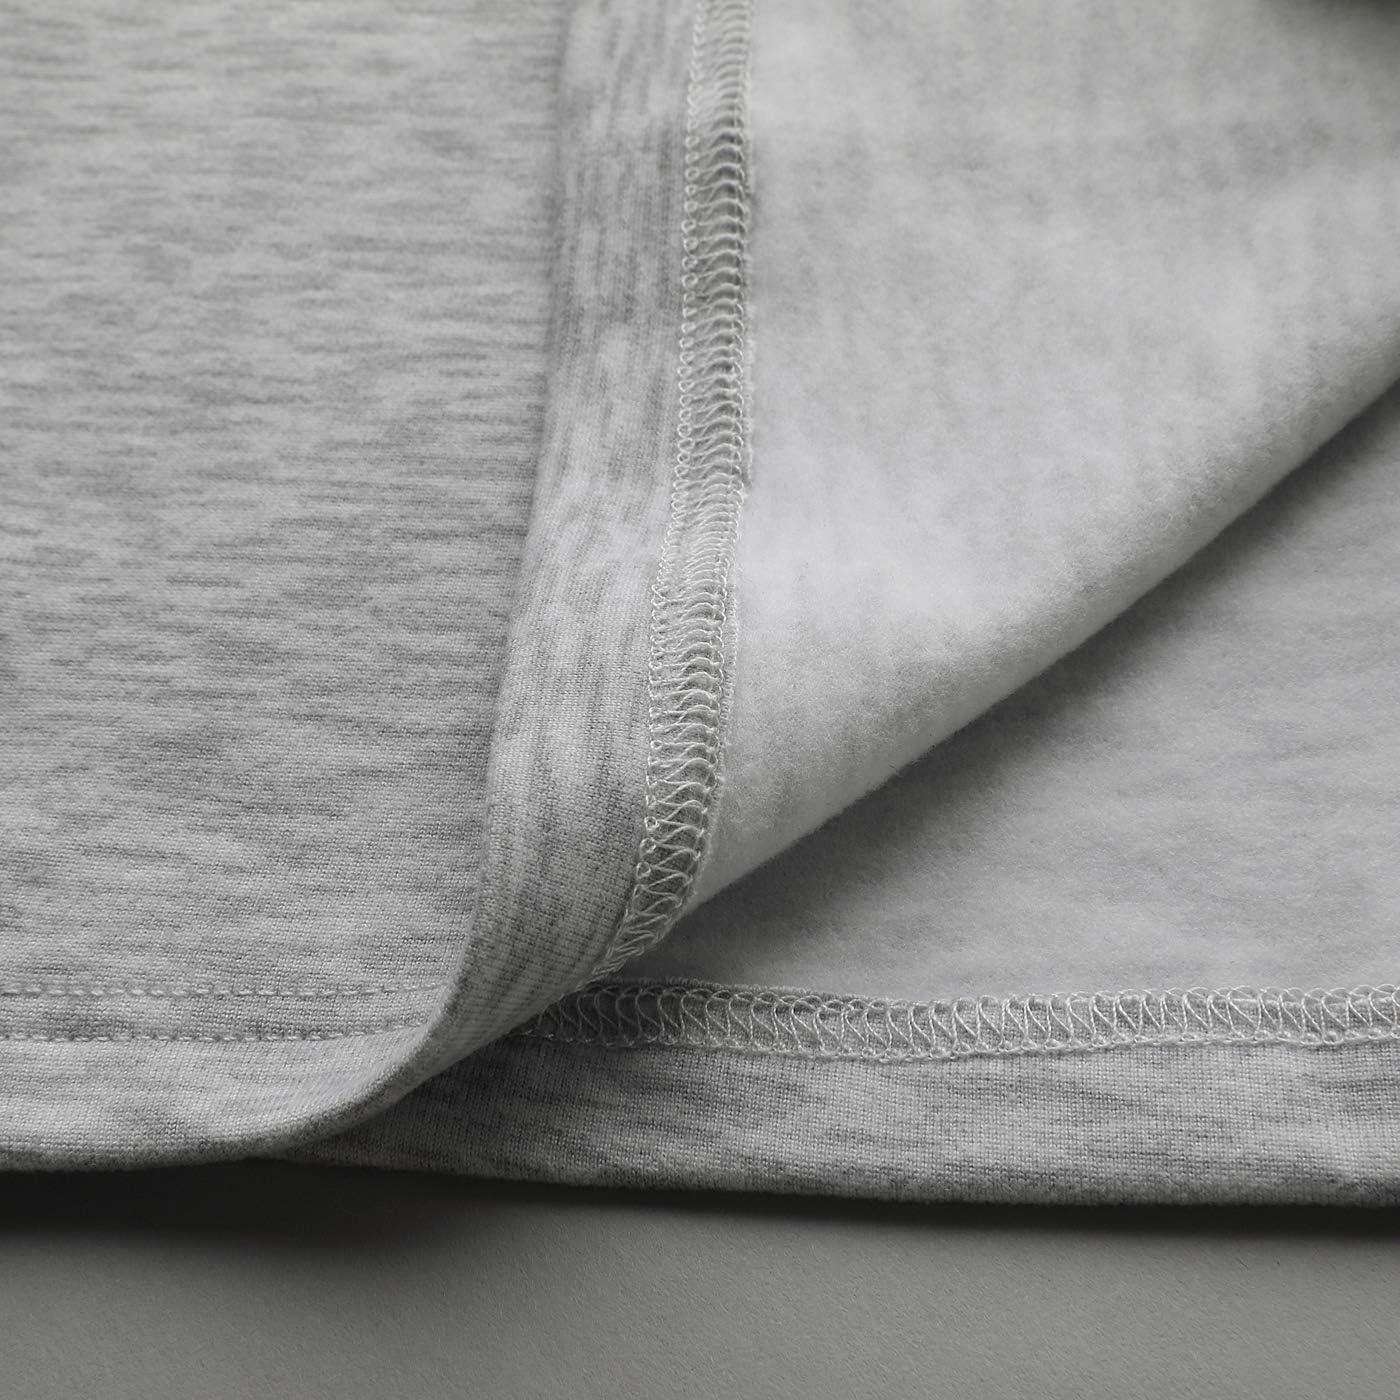 Mcilia Ultraweiches mit Fleece gefüttertes Thermo-Basisschicht Oberteil mit Langen Ärmeln für Frauen Grau